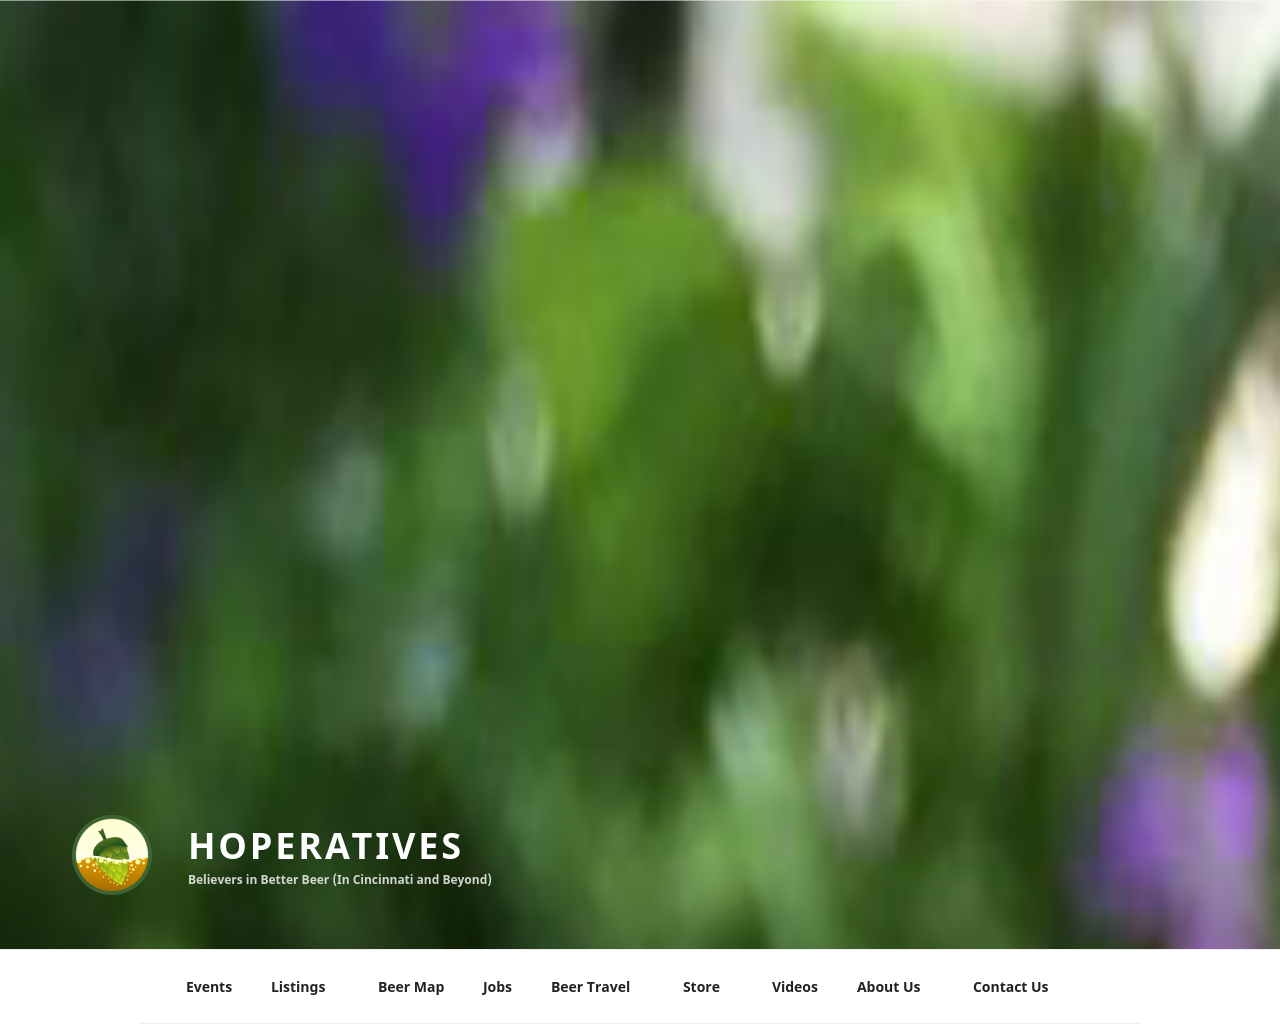 Hoperatives-Advertising-Reviews-Pricing